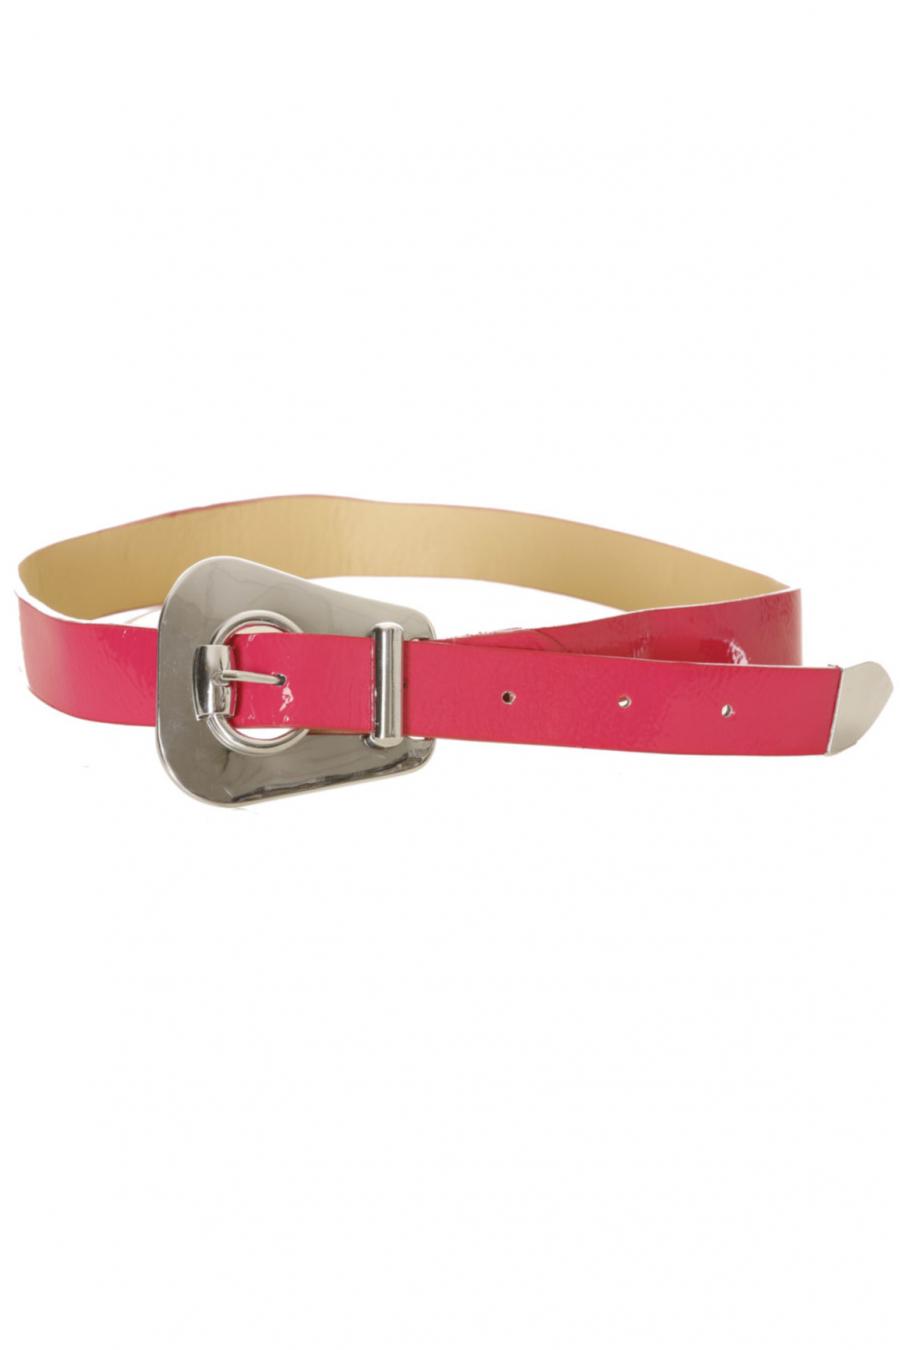 Thin fuchsia belt, fancy buckle. 56-0255